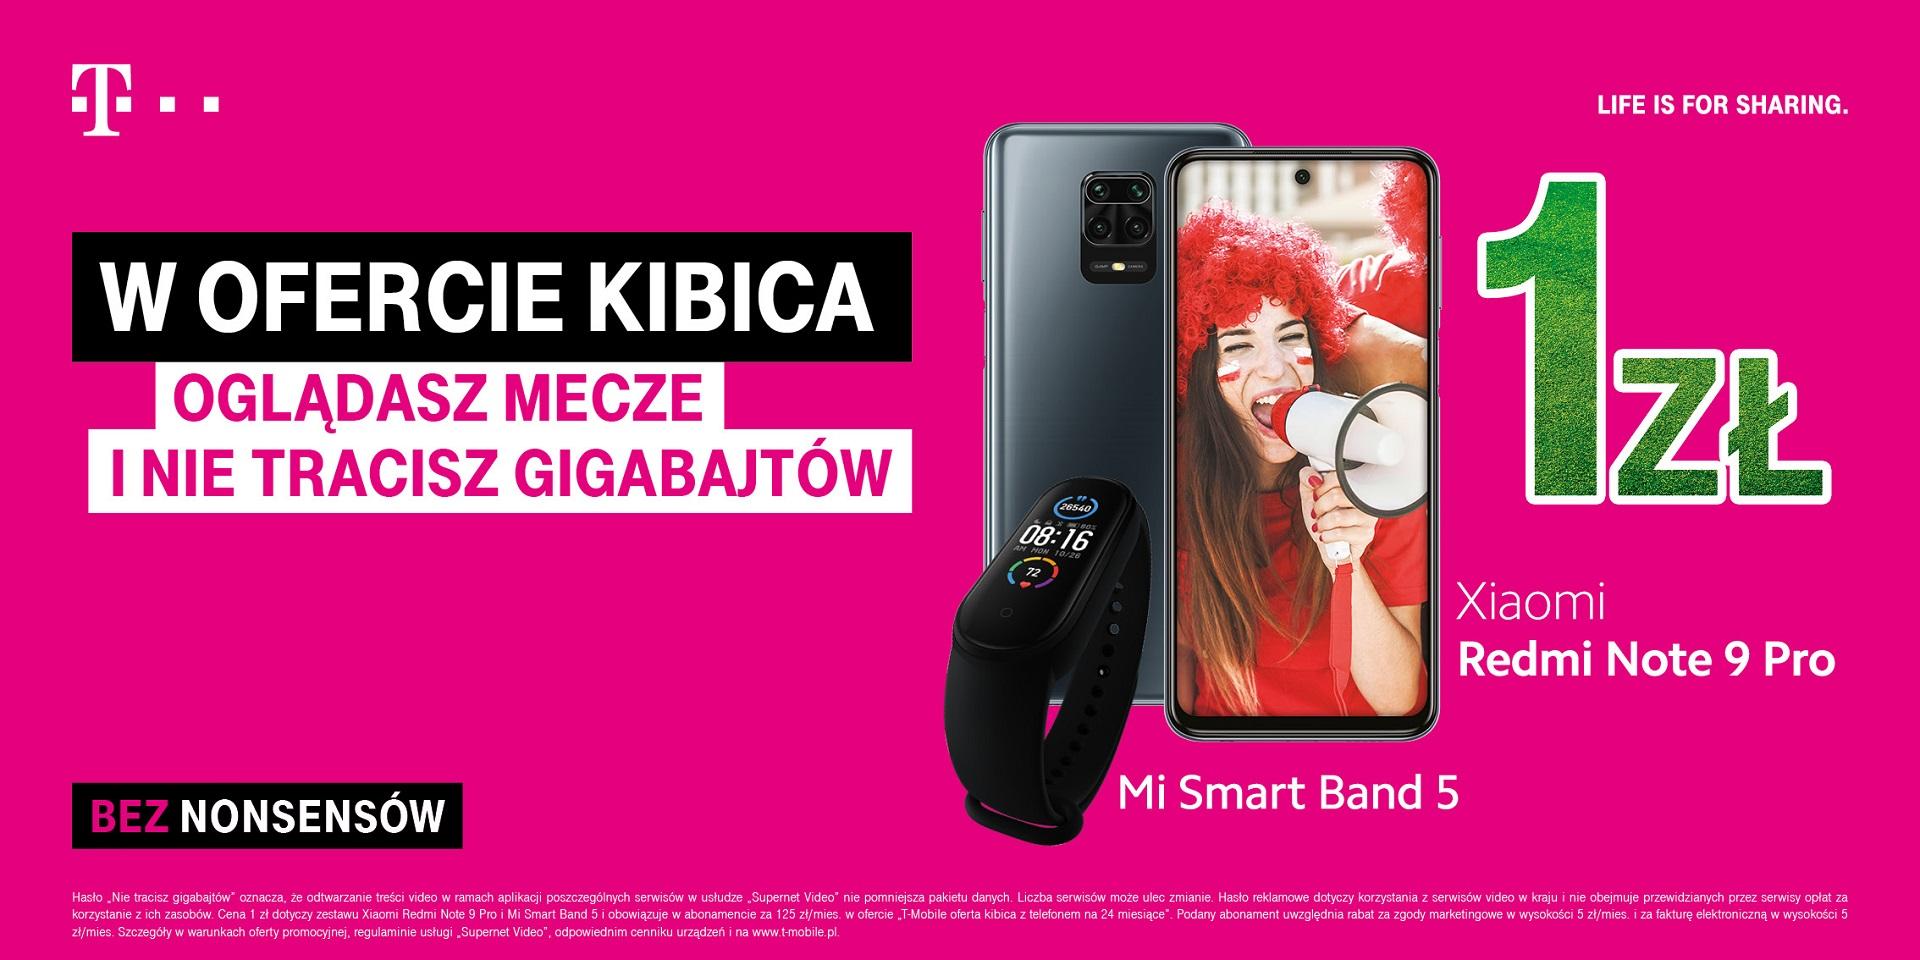 nowa oferta t mobile dla kibicow